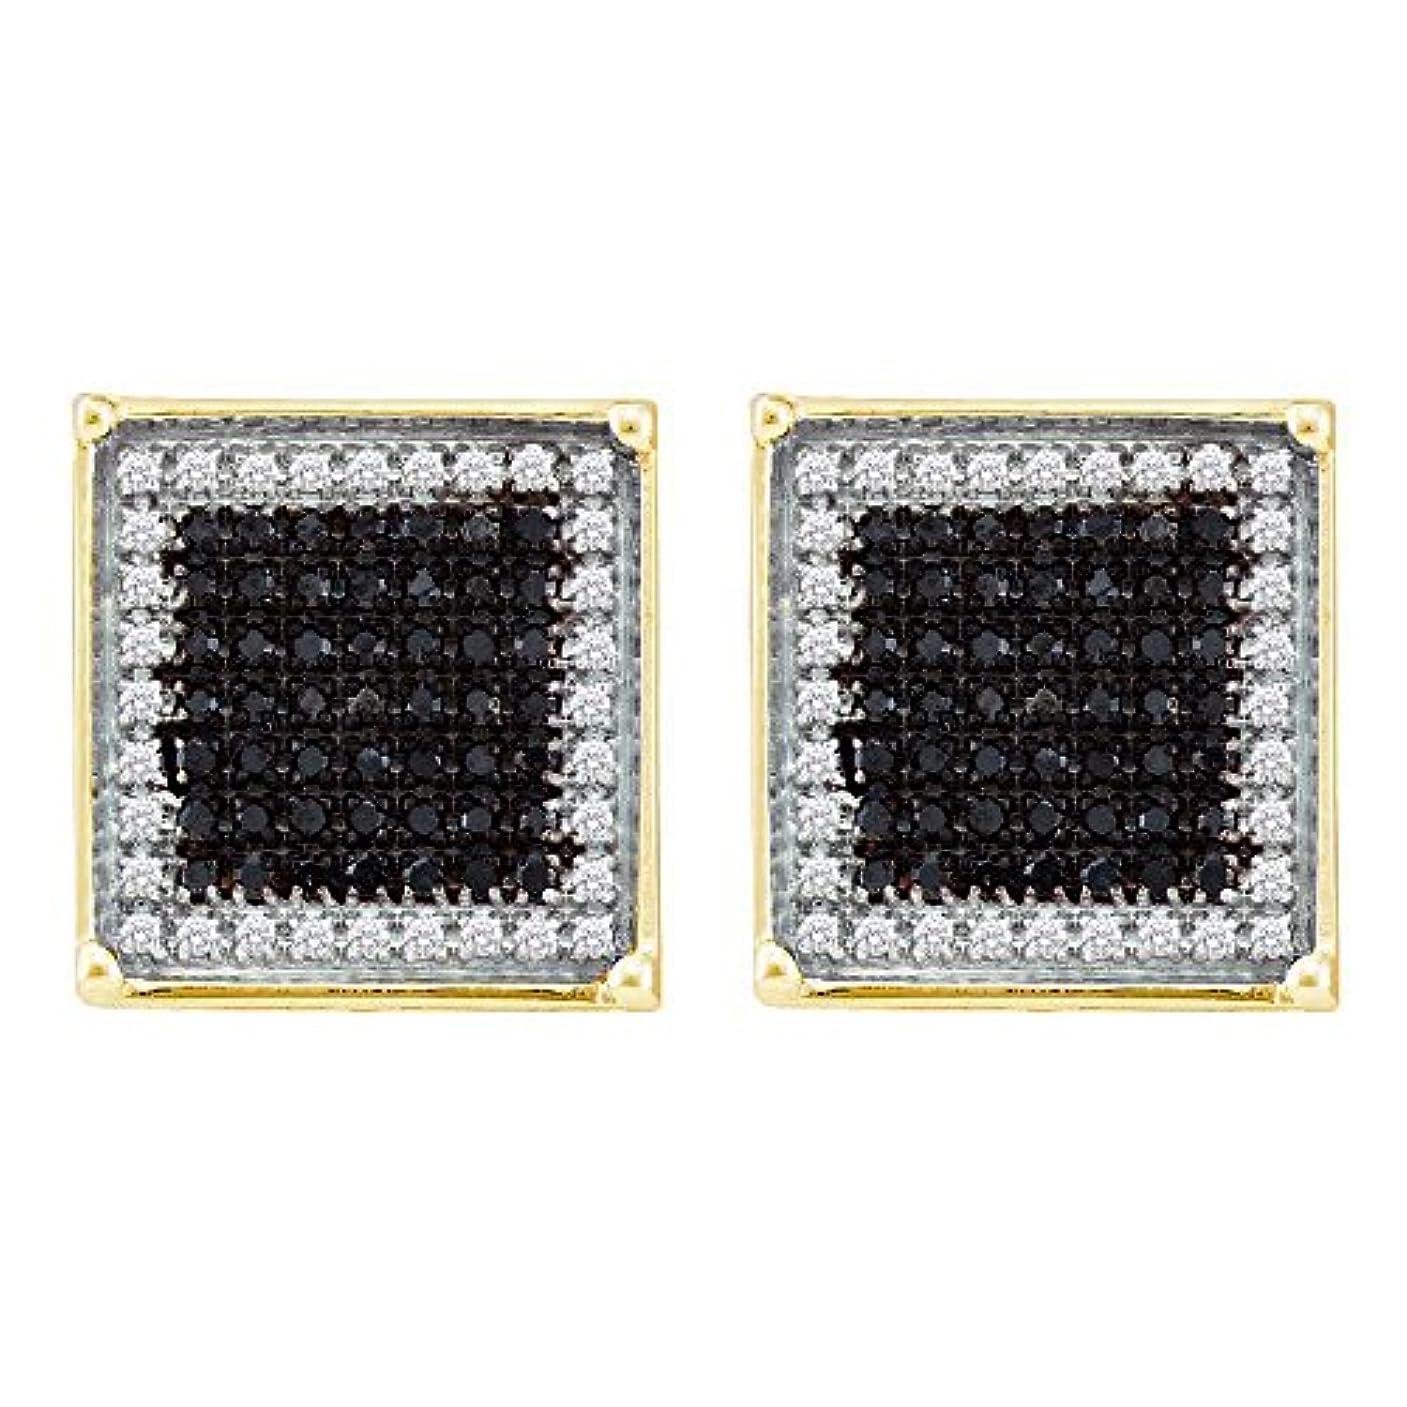 バラエティ労働者放射能10 KTイエローゴールドメンズラウンドブラックカラーEnhancedダイヤモンド正方形フレームクラスタイヤリング7 / 8 cttw